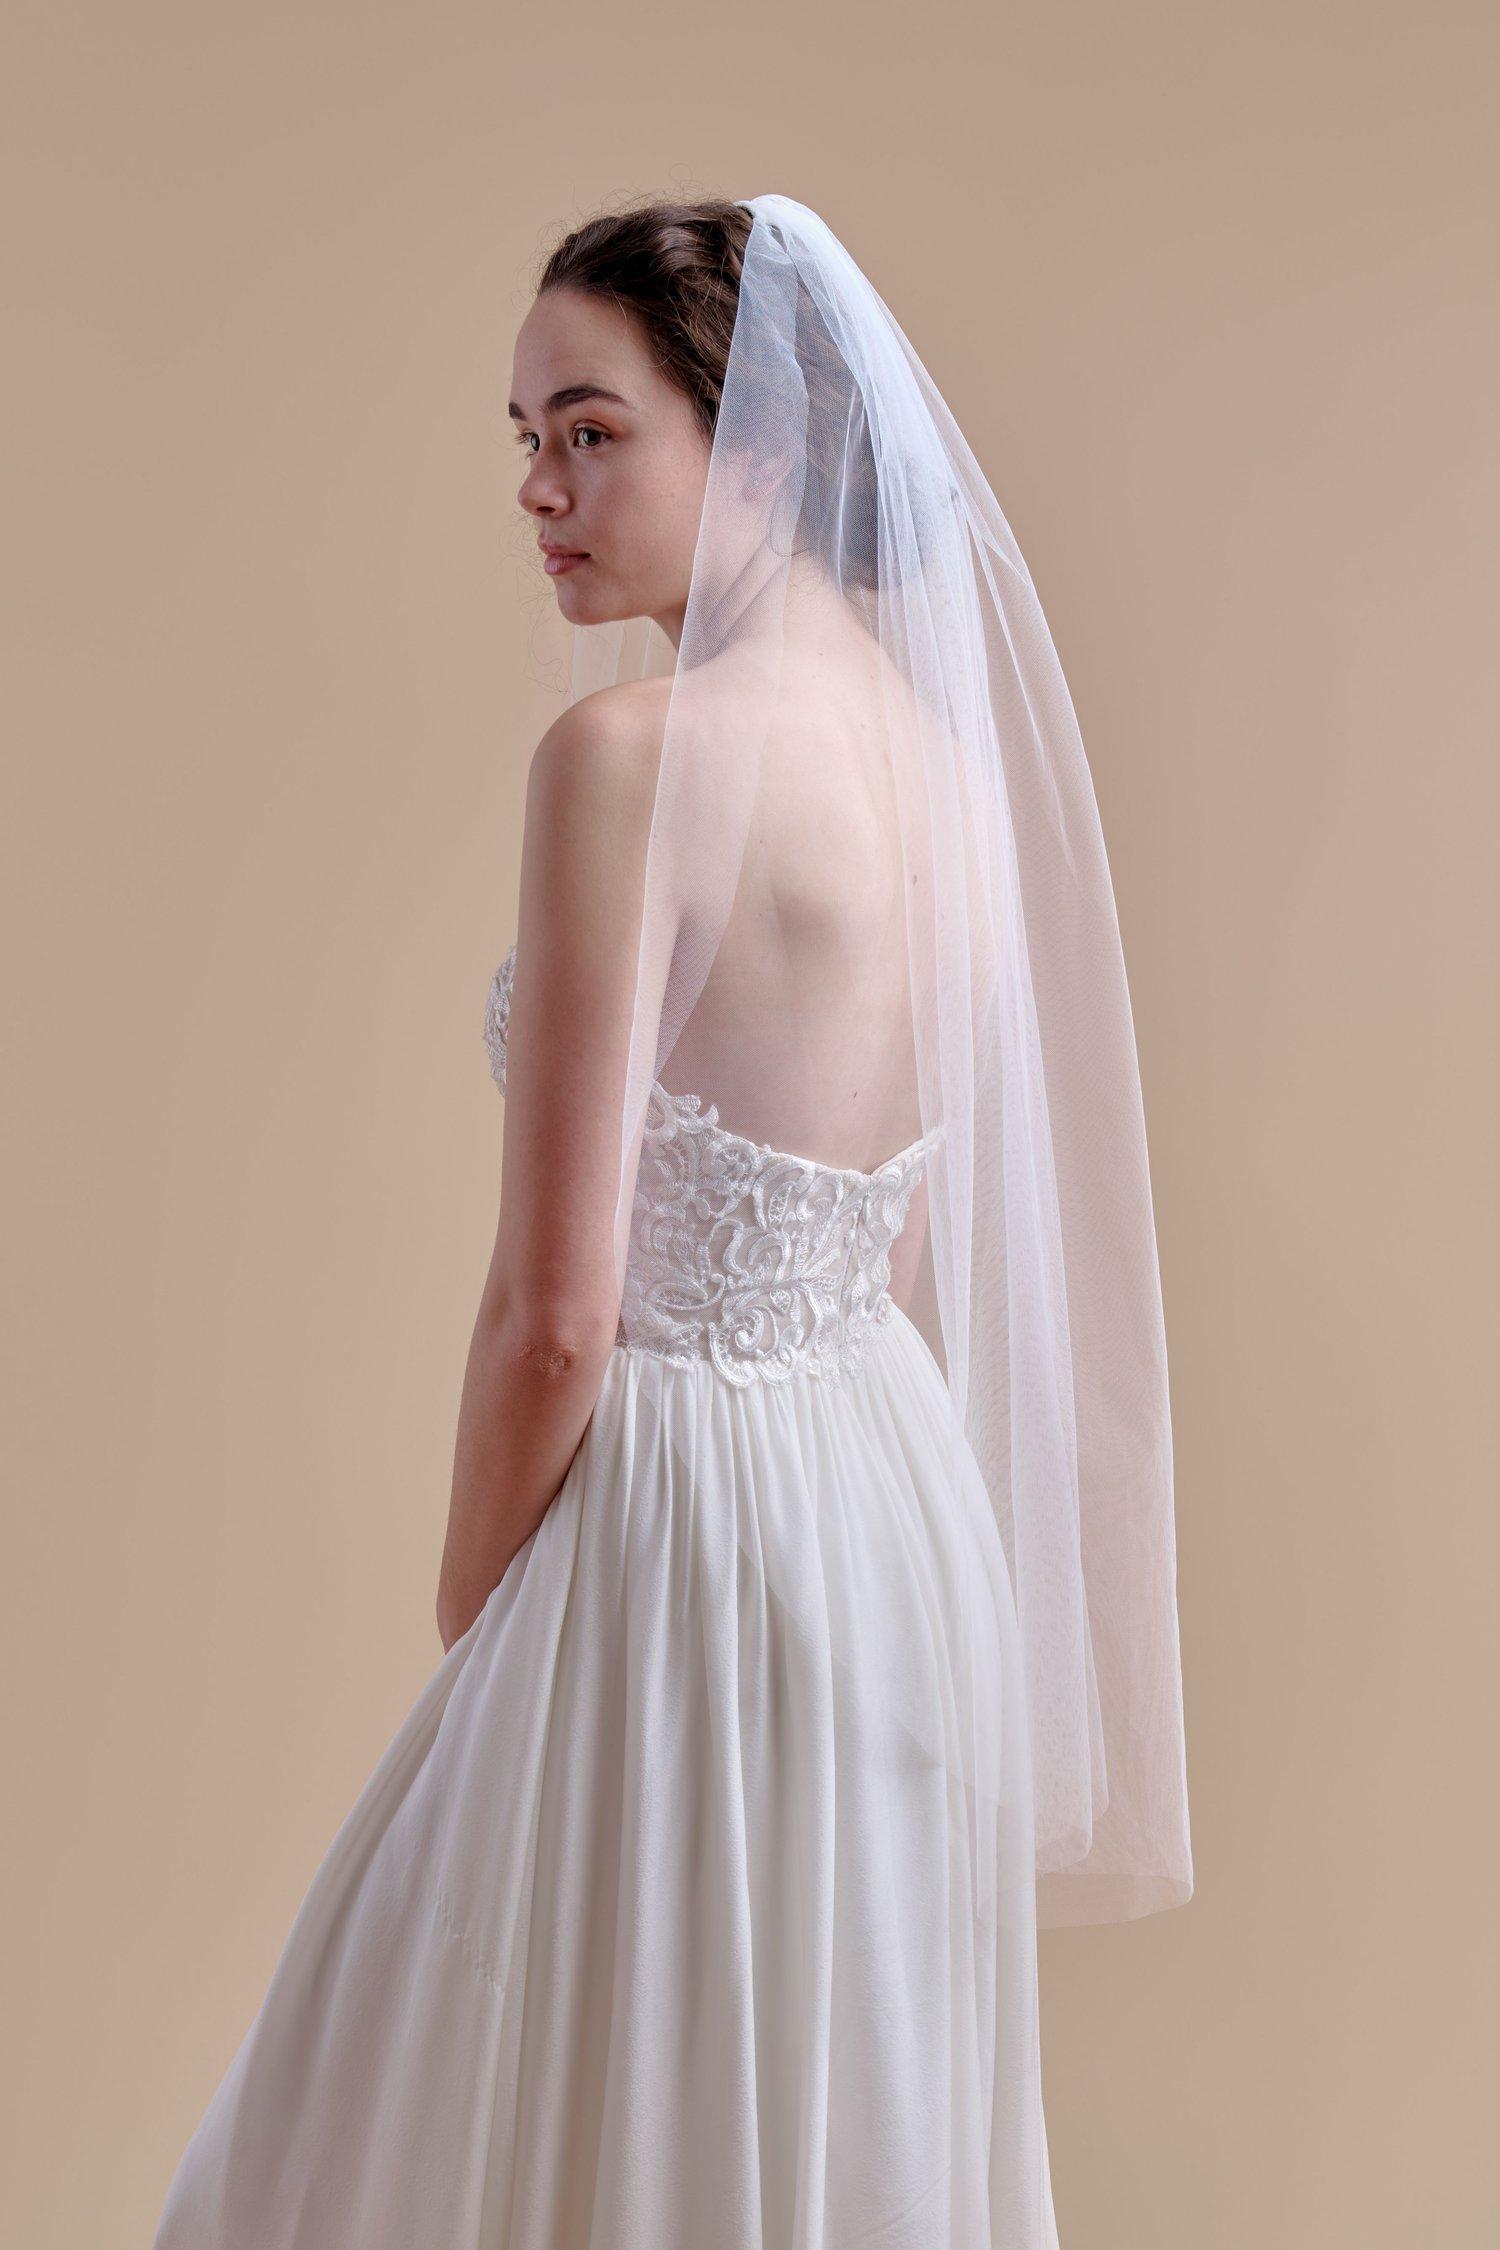 anomalie, basic tulle fingertip veil, affordable veils.jpg